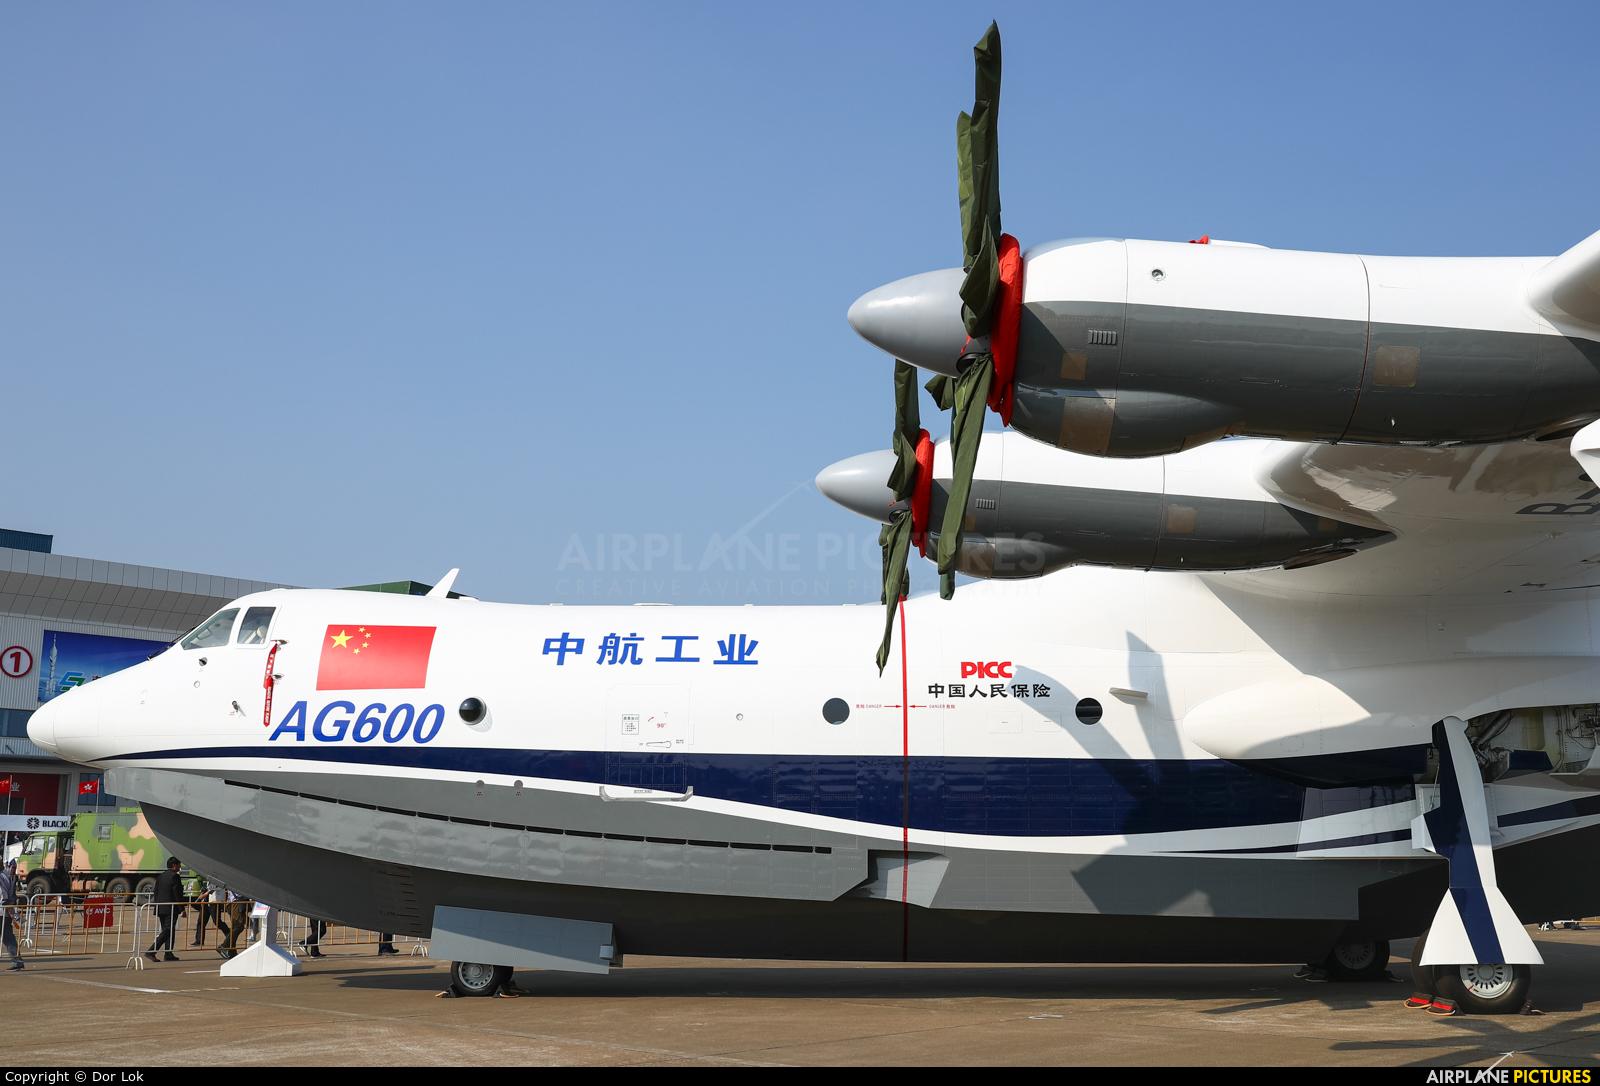 AVIC - China Aviation B-002A aircraft at Zhūhǎi-Jīnwān